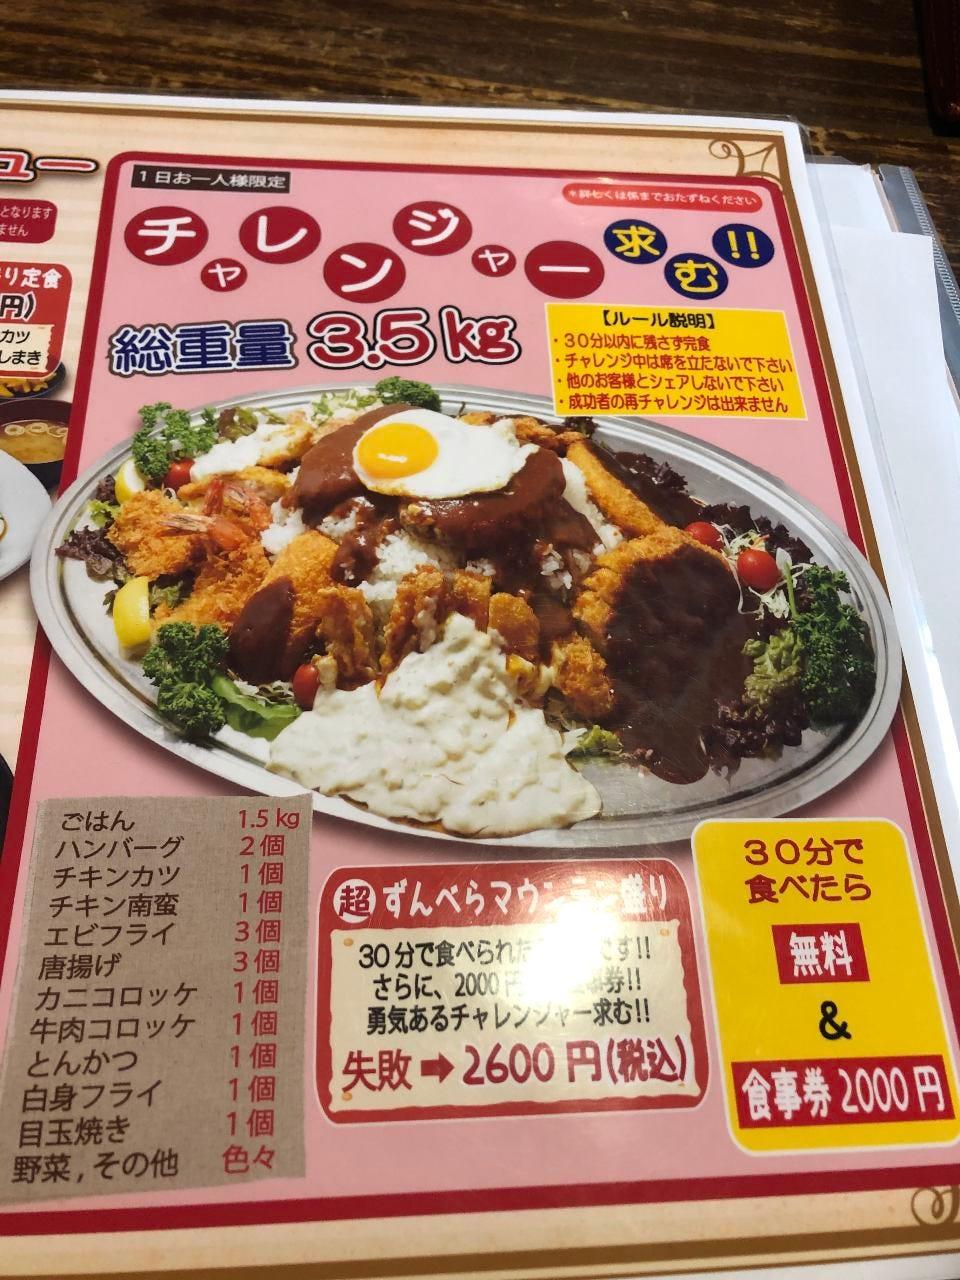 【1日お1人様限定!】超ずんべらマウンテン盛り 30分以内に完食で無料+得点あり!完食が無理なら2600円!